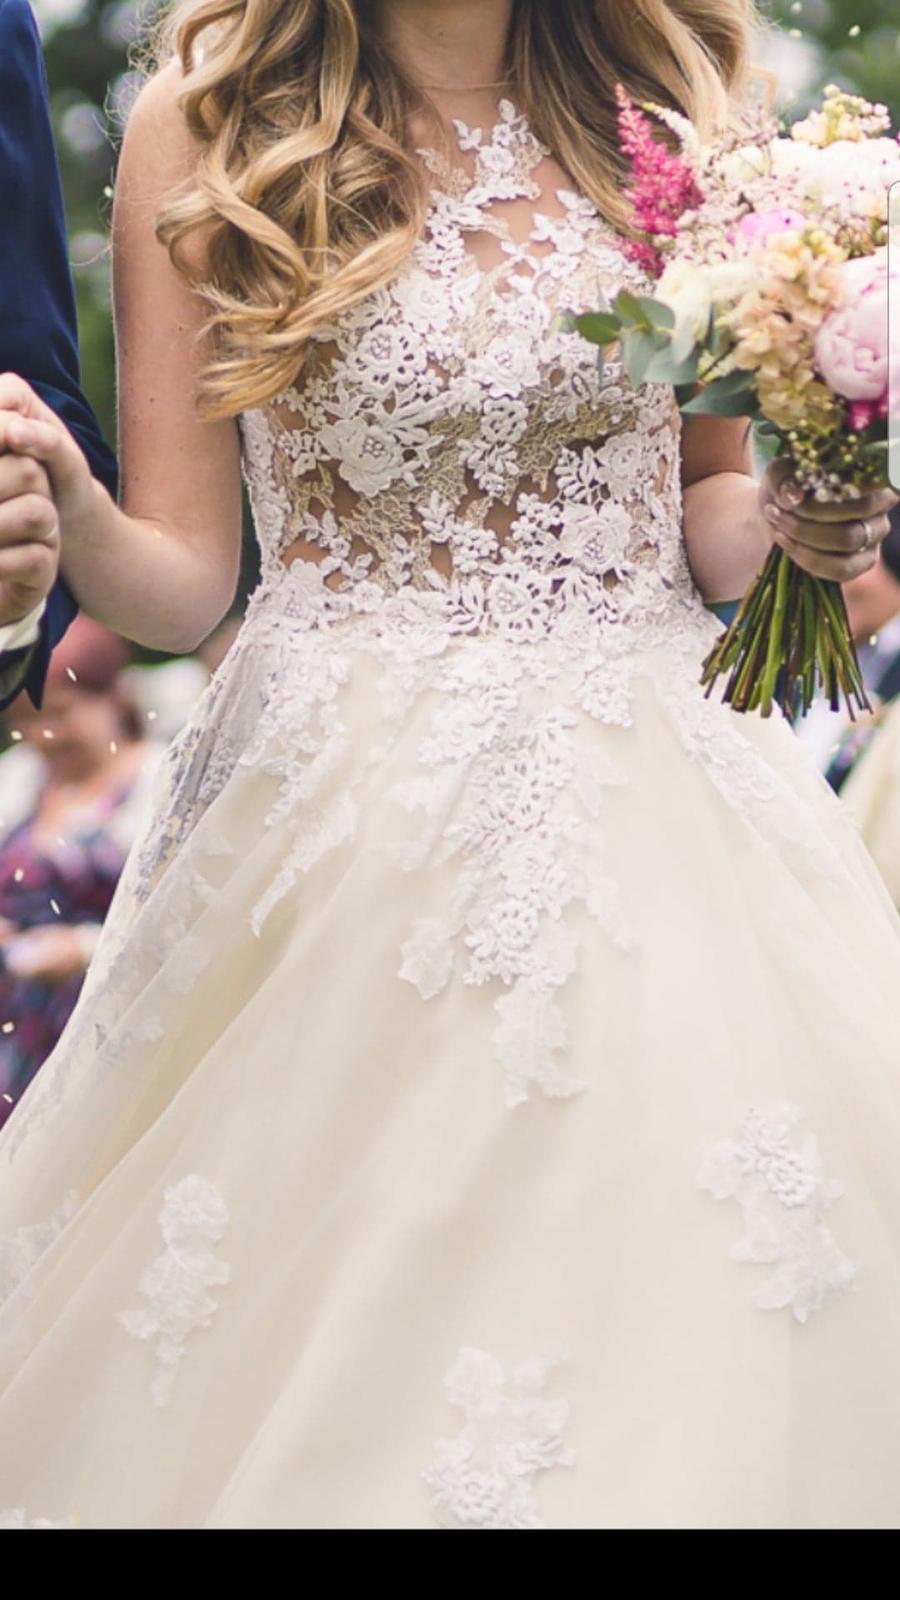 Svatební šaty Pronovias Ofelia 36 - Obrázek č. 1